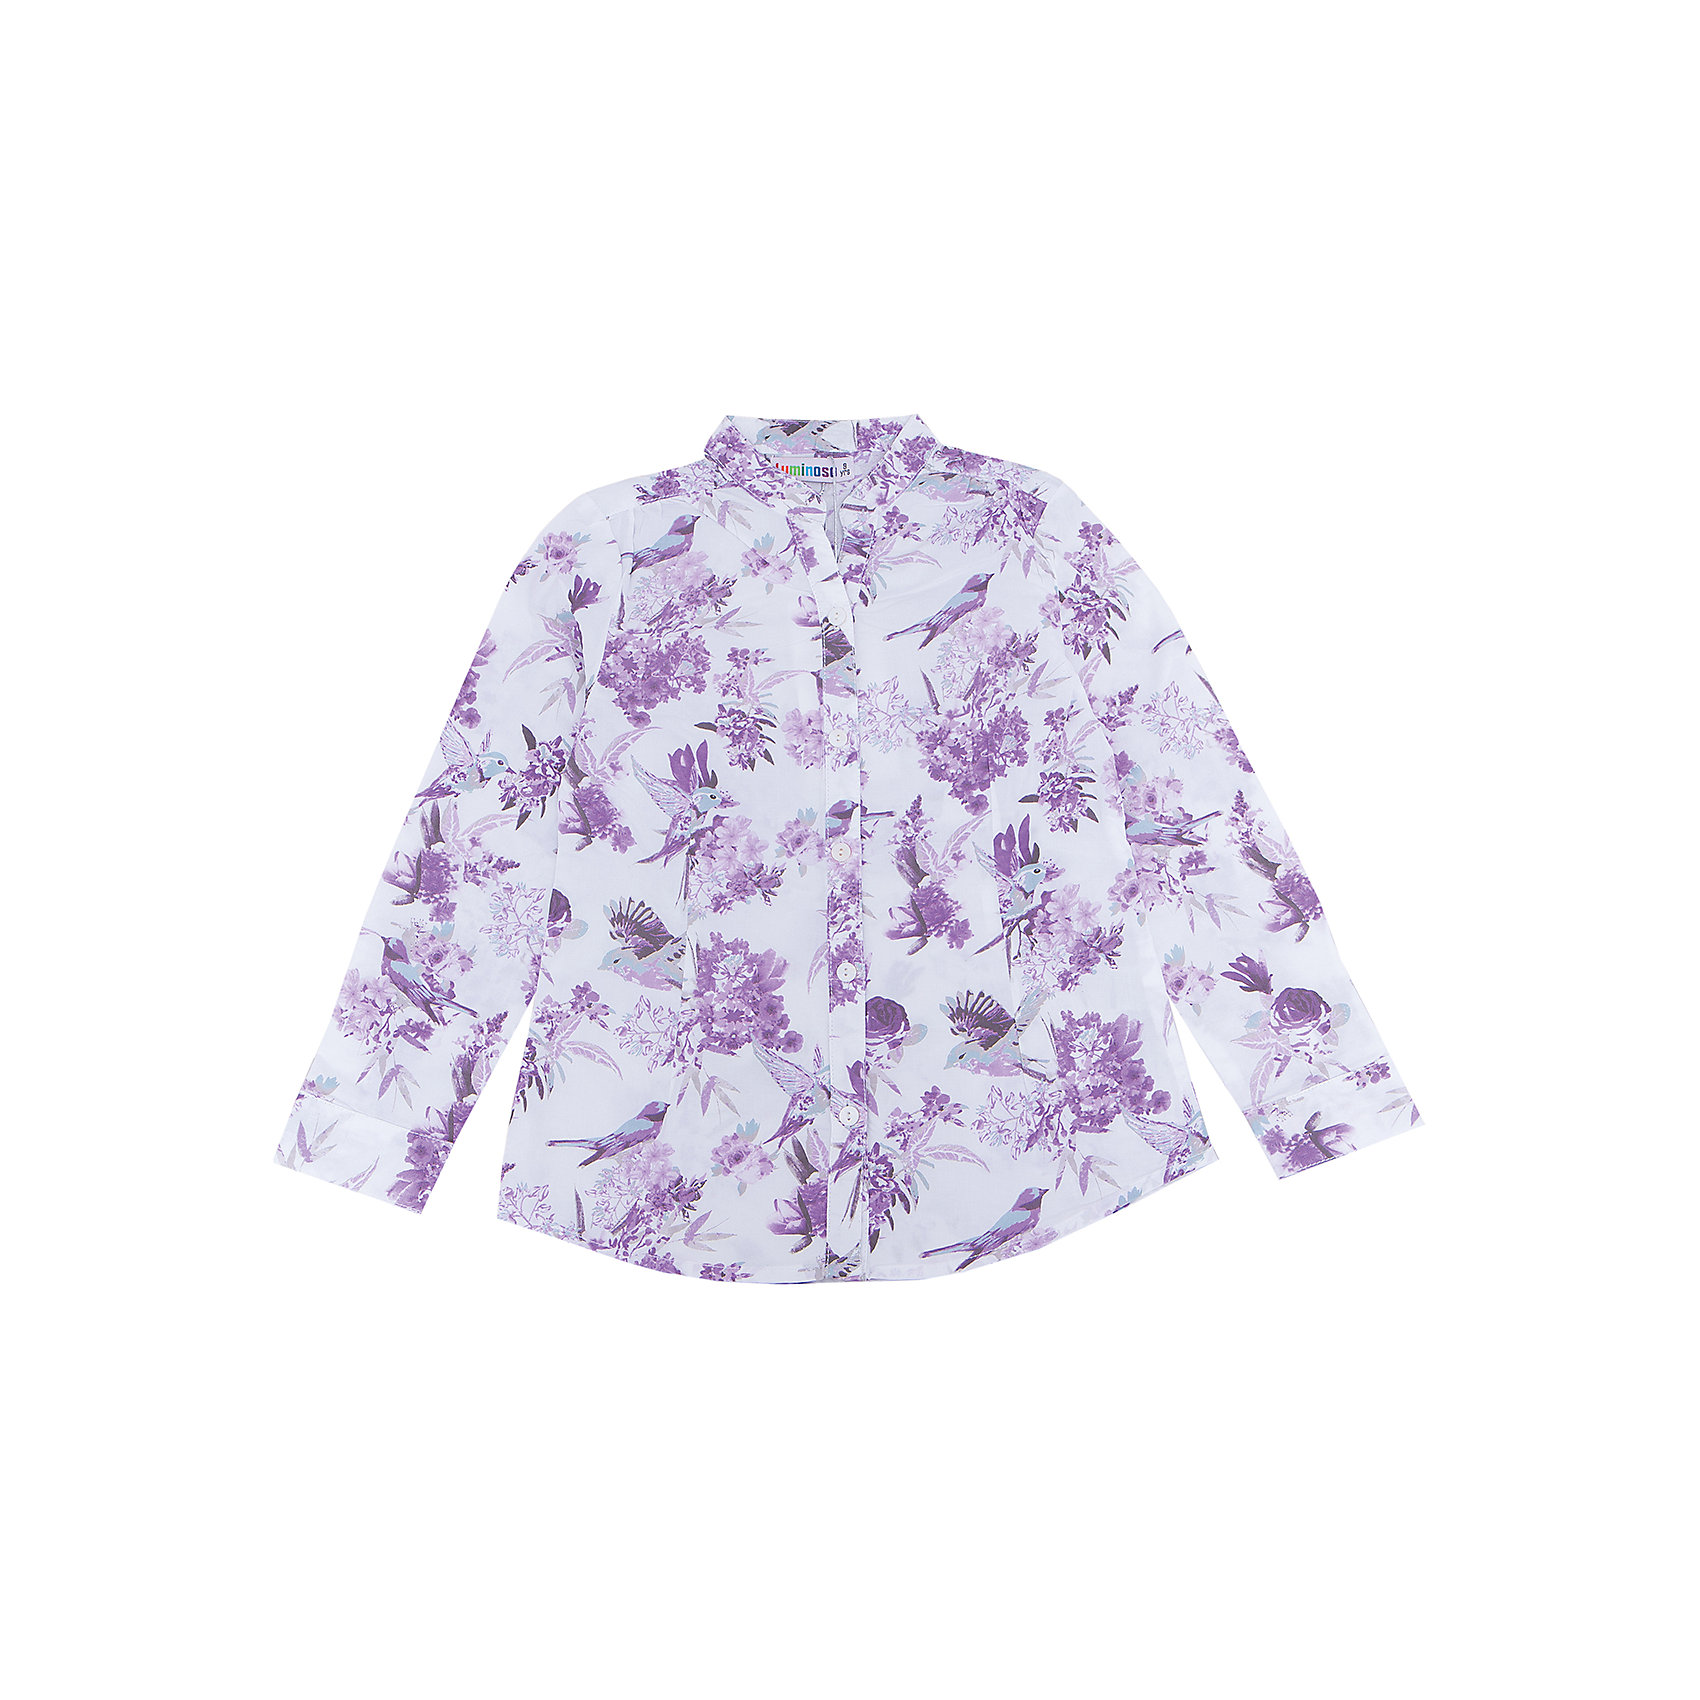 Блузка для девочки LuminosoХарактеристики товара:<br><br>- цвет: белый;<br>- материал: 100% хлопок;<br>- декорирована принтом;<br>- длинный рукав;<br>- застежки кнопки.<br><br>Стильная одежда от бренда Luminoso (Люминосо), созданная при участии итальянских дизайнеров, учитывает потребности подростков и последние веяния моды. Она удобная и модная.<br>Эта хлопковая блузка выглядит стильно и нарядно, но при этом подходит для ежедневного ношения. Он хорошо сидит на ребенке, обеспечивает комфорт и отлично сочетается с одежной разных стилей. Модель отличается высоким качеством материала и продуманным дизайном. Натуральный хлопок в составе изделия делает его дышащим, приятным на ощупь и гипоаллергеным.<br><br>Блузку для девочки от бренда Luminoso (Люминосо) можно купить в нашем интернет-магазине.<br><br>Ширина мм: 186<br>Глубина мм: 87<br>Высота мм: 198<br>Вес г: 197<br>Цвет: белый<br>Возраст от месяцев: 156<br>Возраст до месяцев: 168<br>Пол: Женский<br>Возраст: Детский<br>Размер: 164,140,146,152,158,134<br>SKU: 4929542